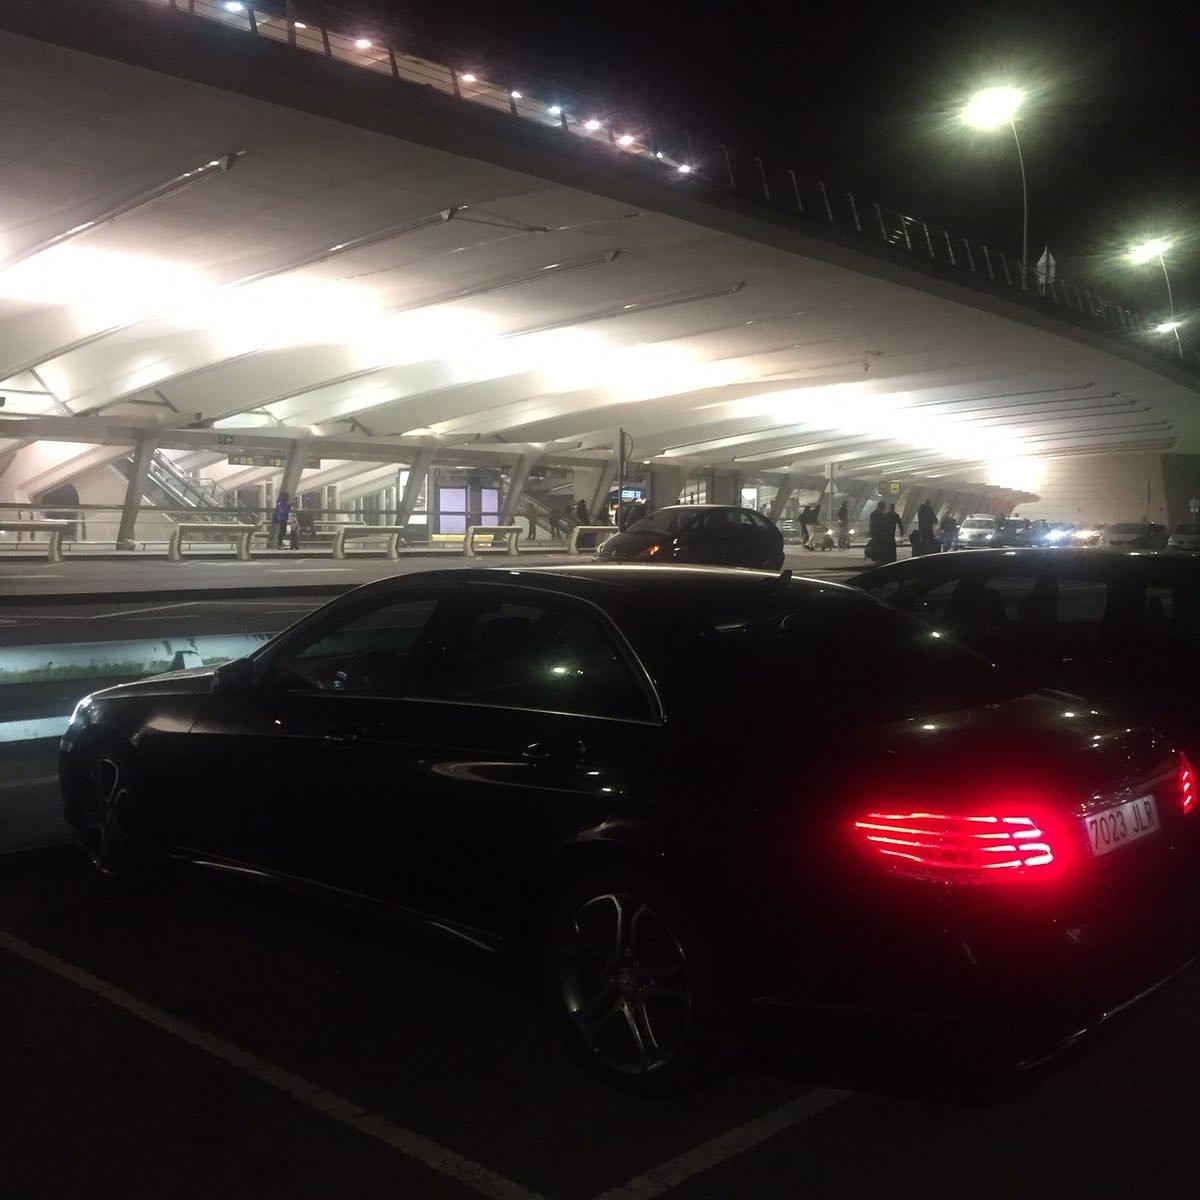 Armoni Car en Aeropuerto de Bilbao. Traslados desde Aeropuertos hasta hotel o viceversa. https://t.co/q3ahJRyhwX